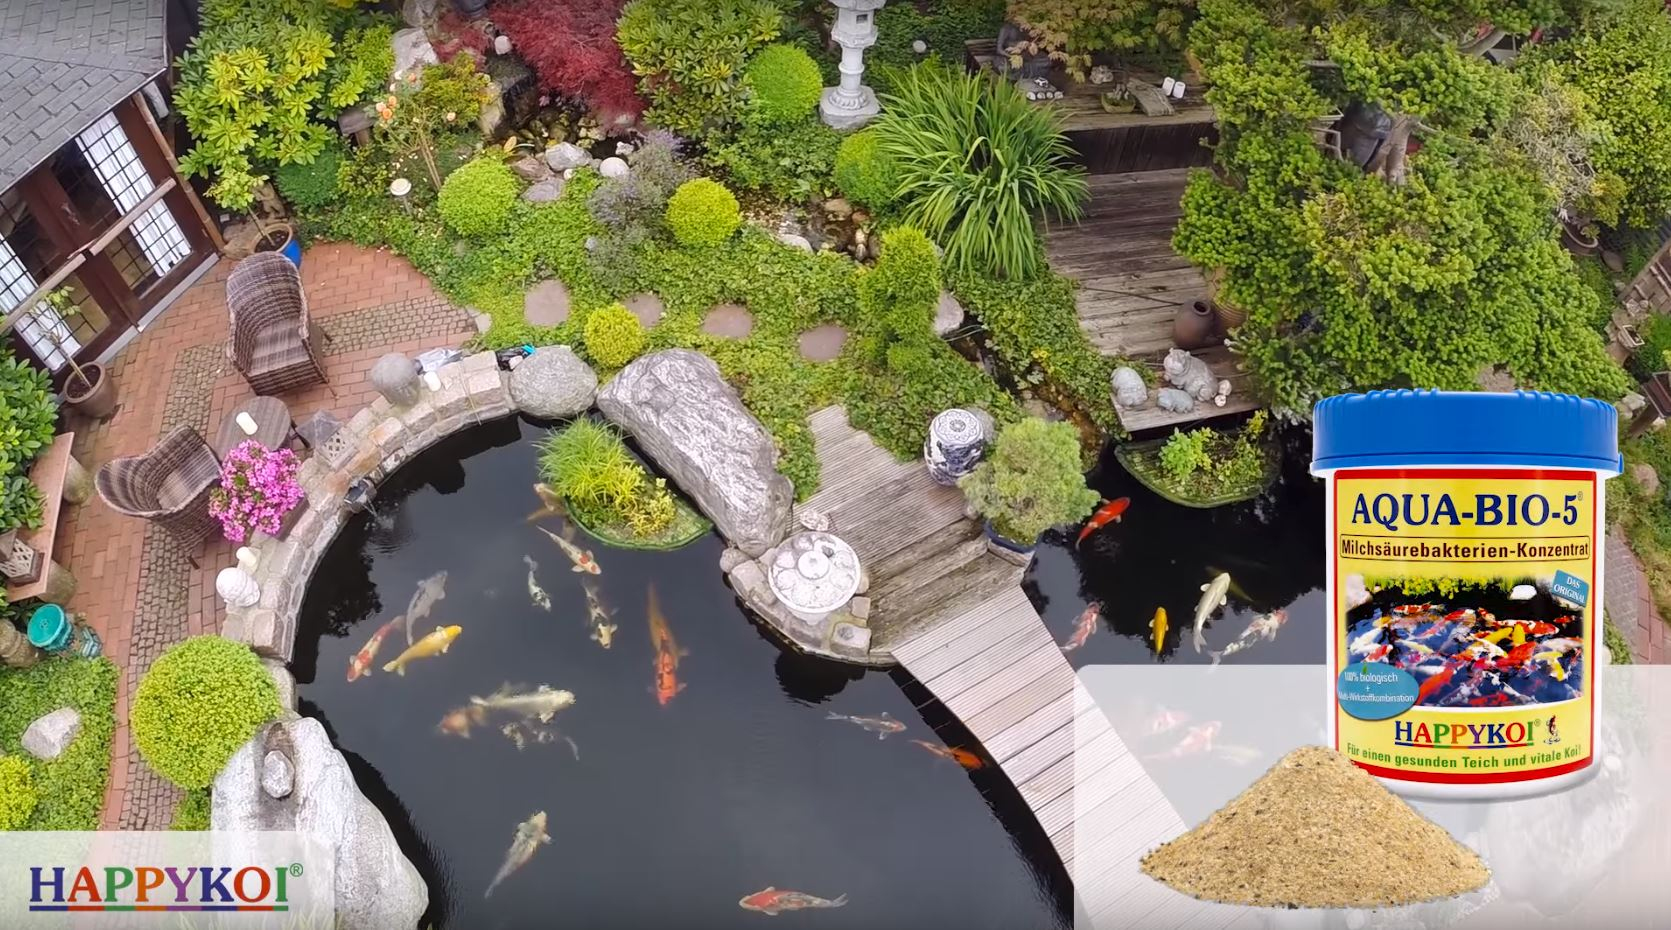 Aqua Bio 5 Erfahrungen - Milchsäurebakterien für Koi Teich